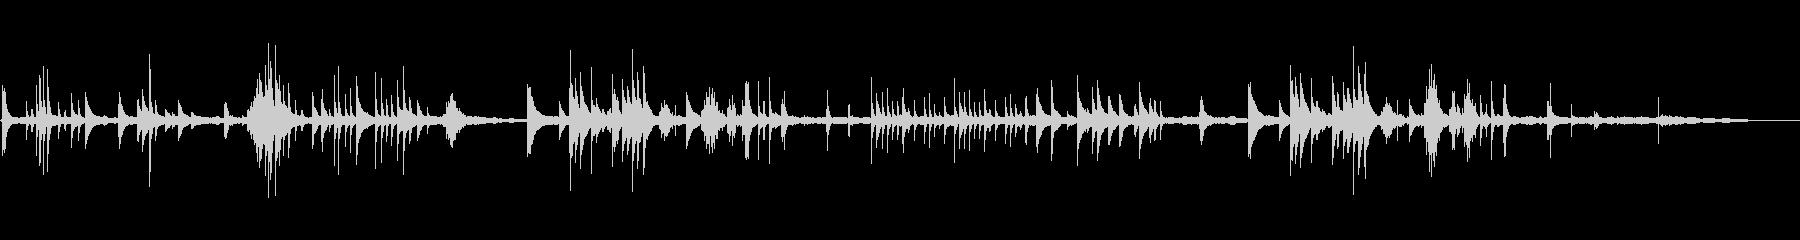 劇伴-中華4、感傷的、ノスタルジックの未再生の波形